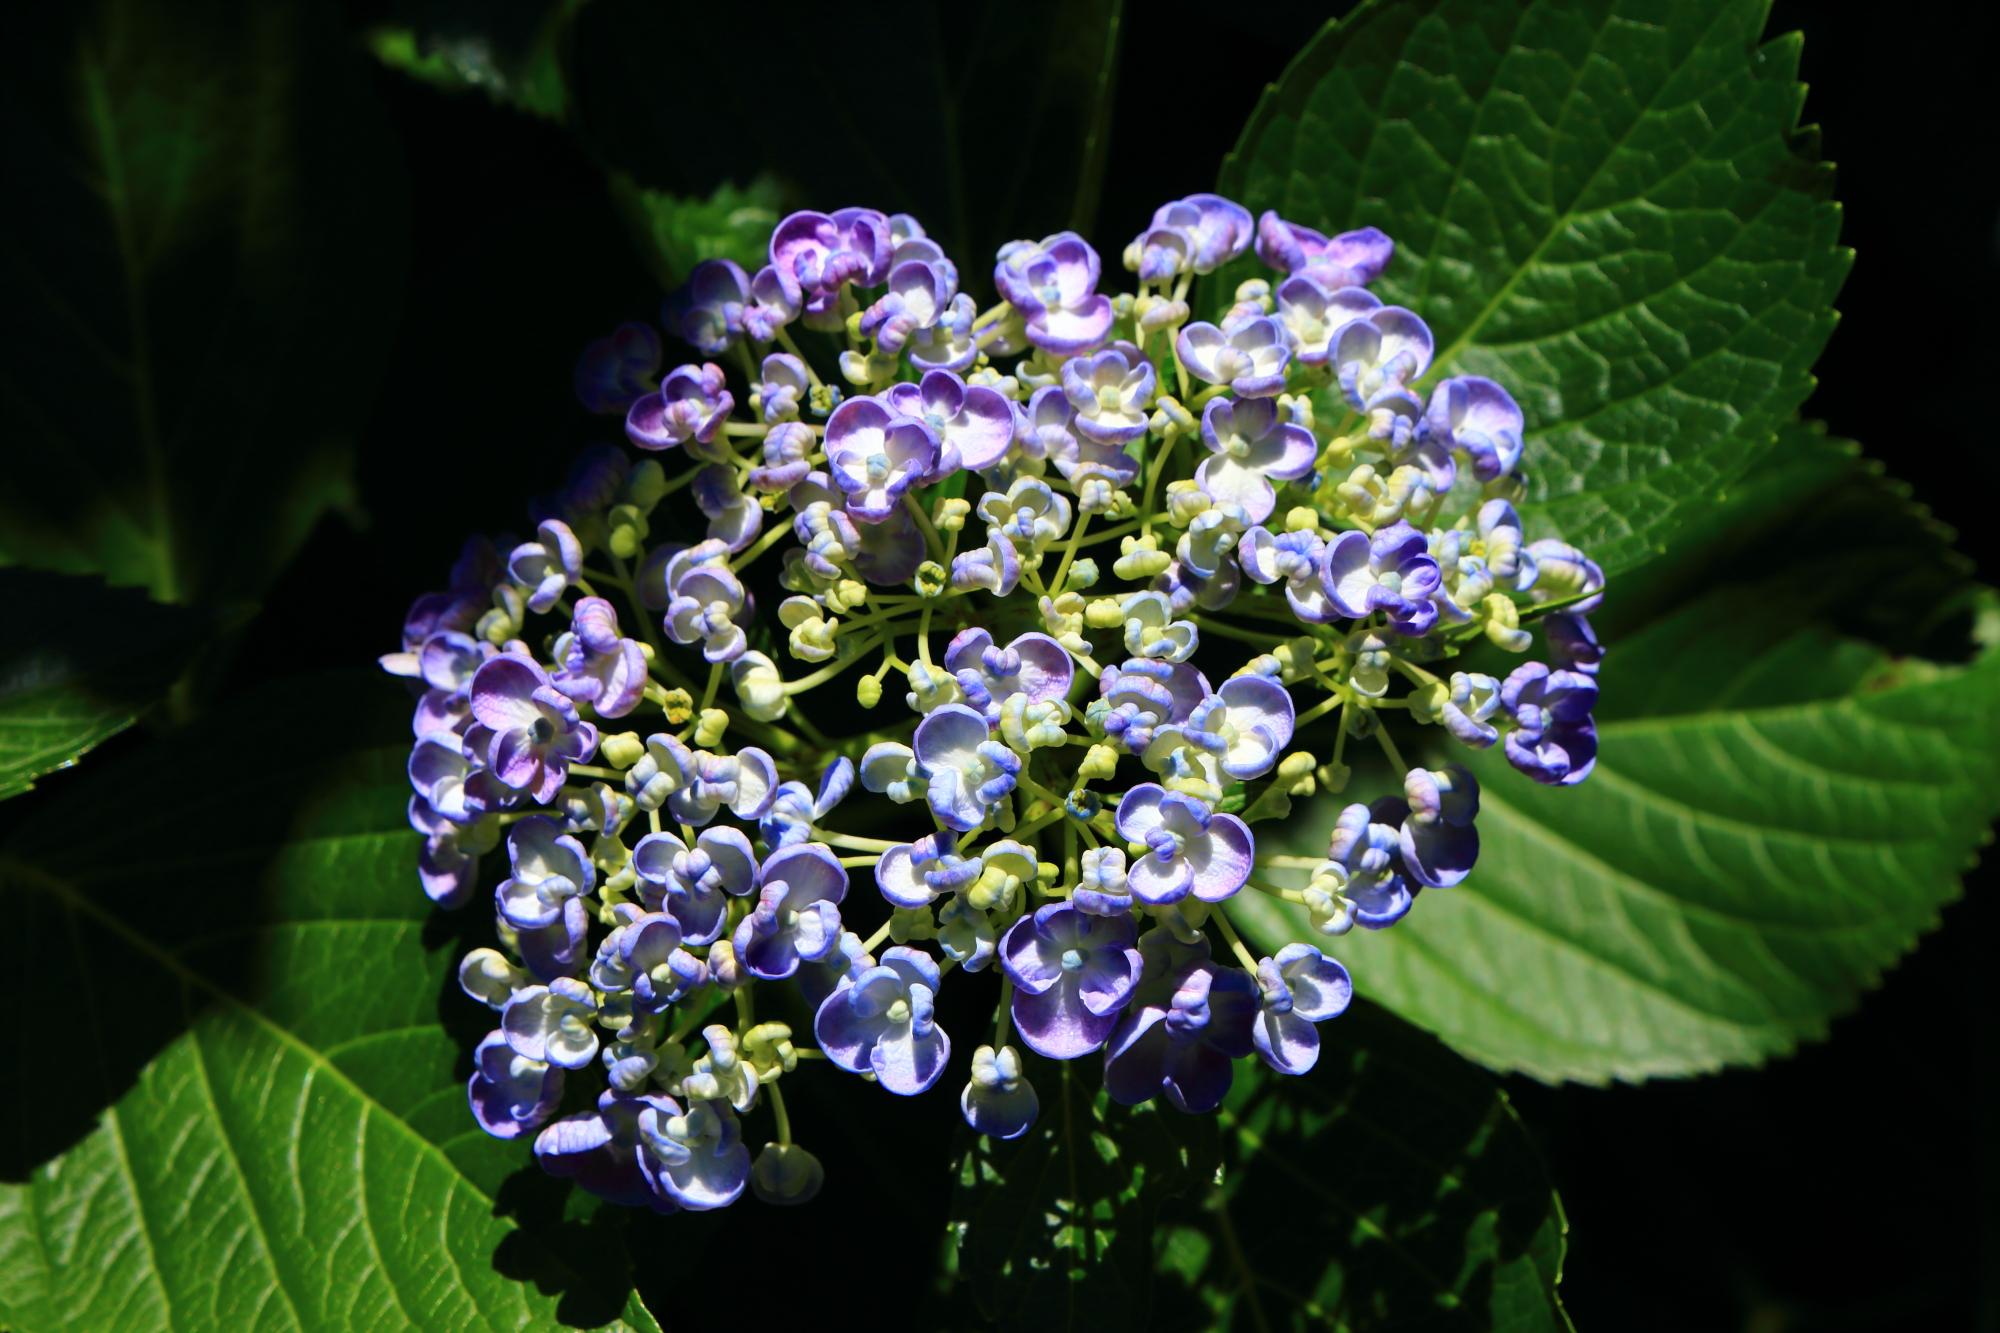 花が小さい粒のようなおたふく紫陽花